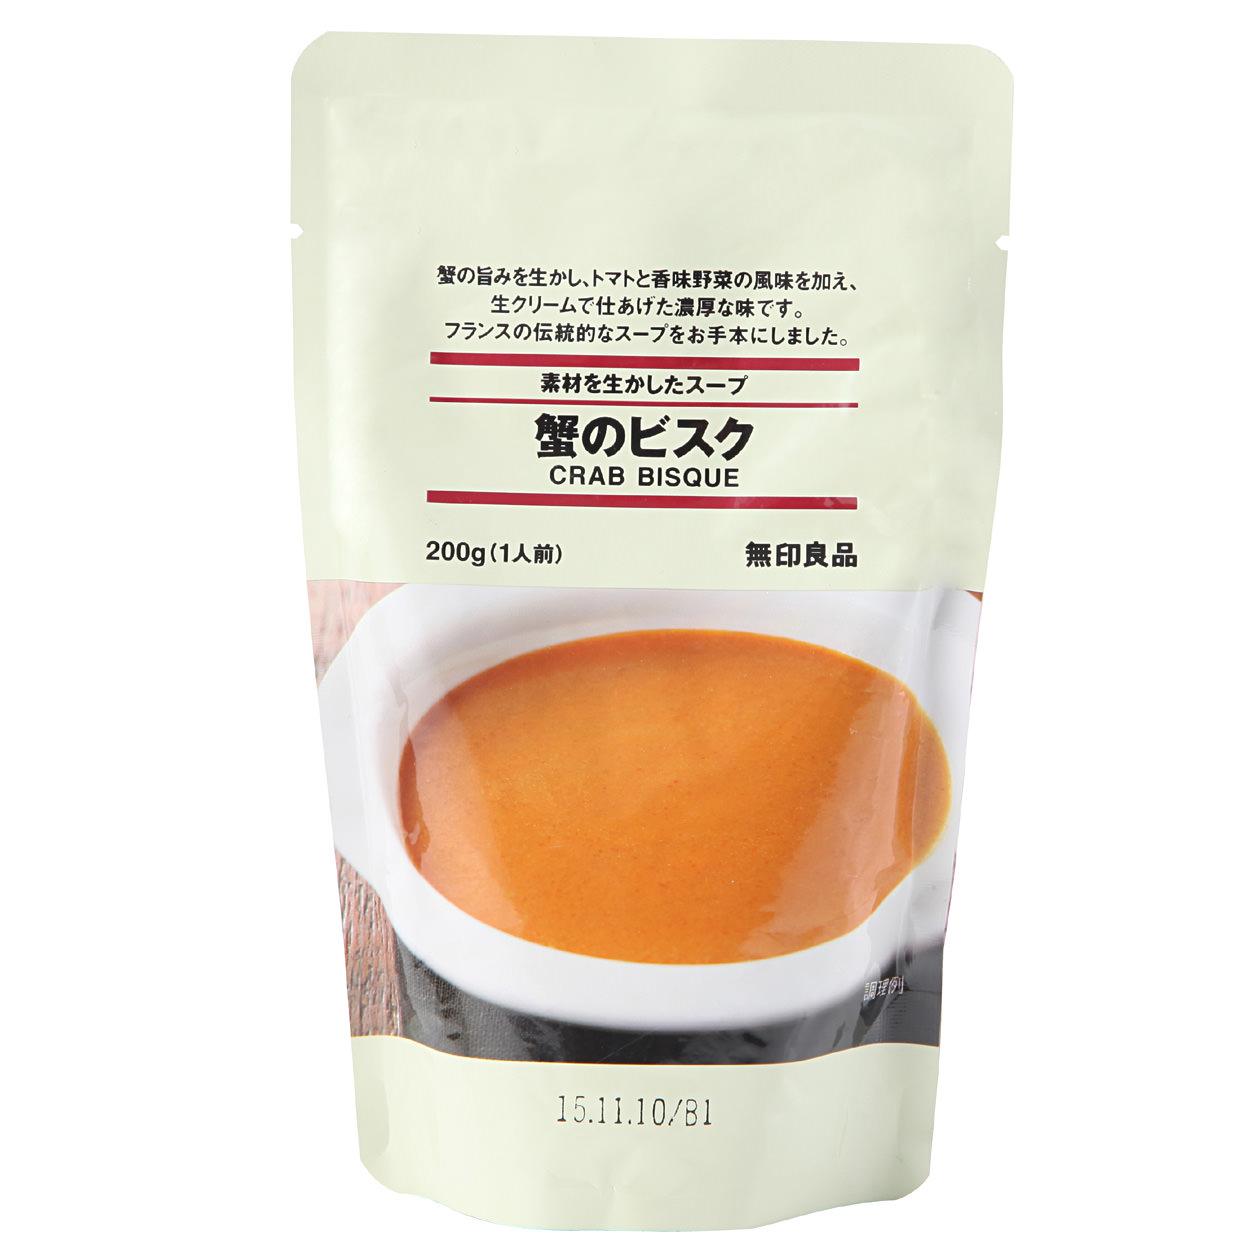 素材を生かしたスープ 蟹のビスク 200g (1人前)